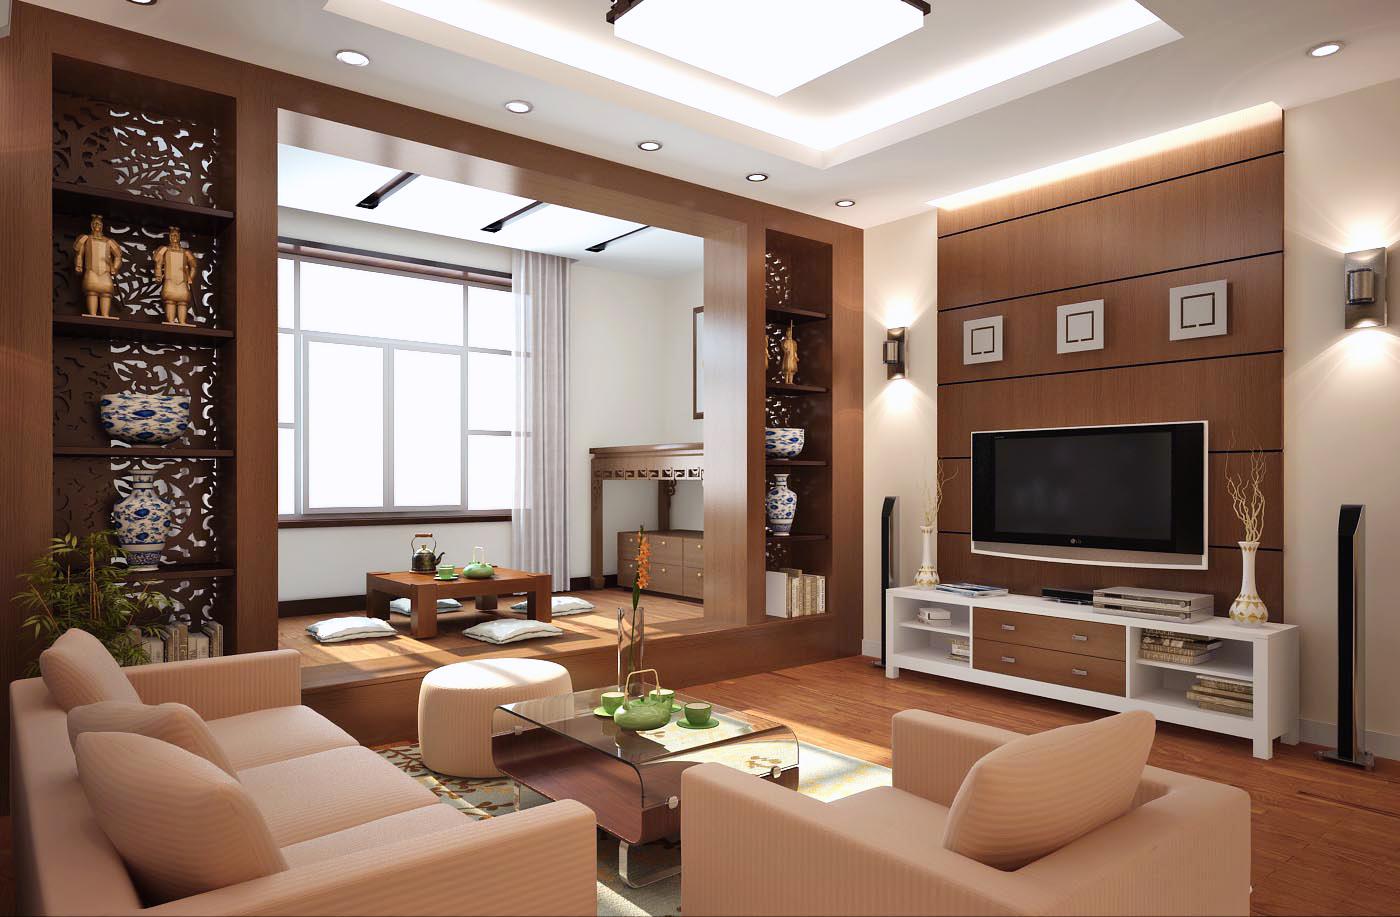 muebles de diseÑo moderno y decoracion de interiores: consejos para